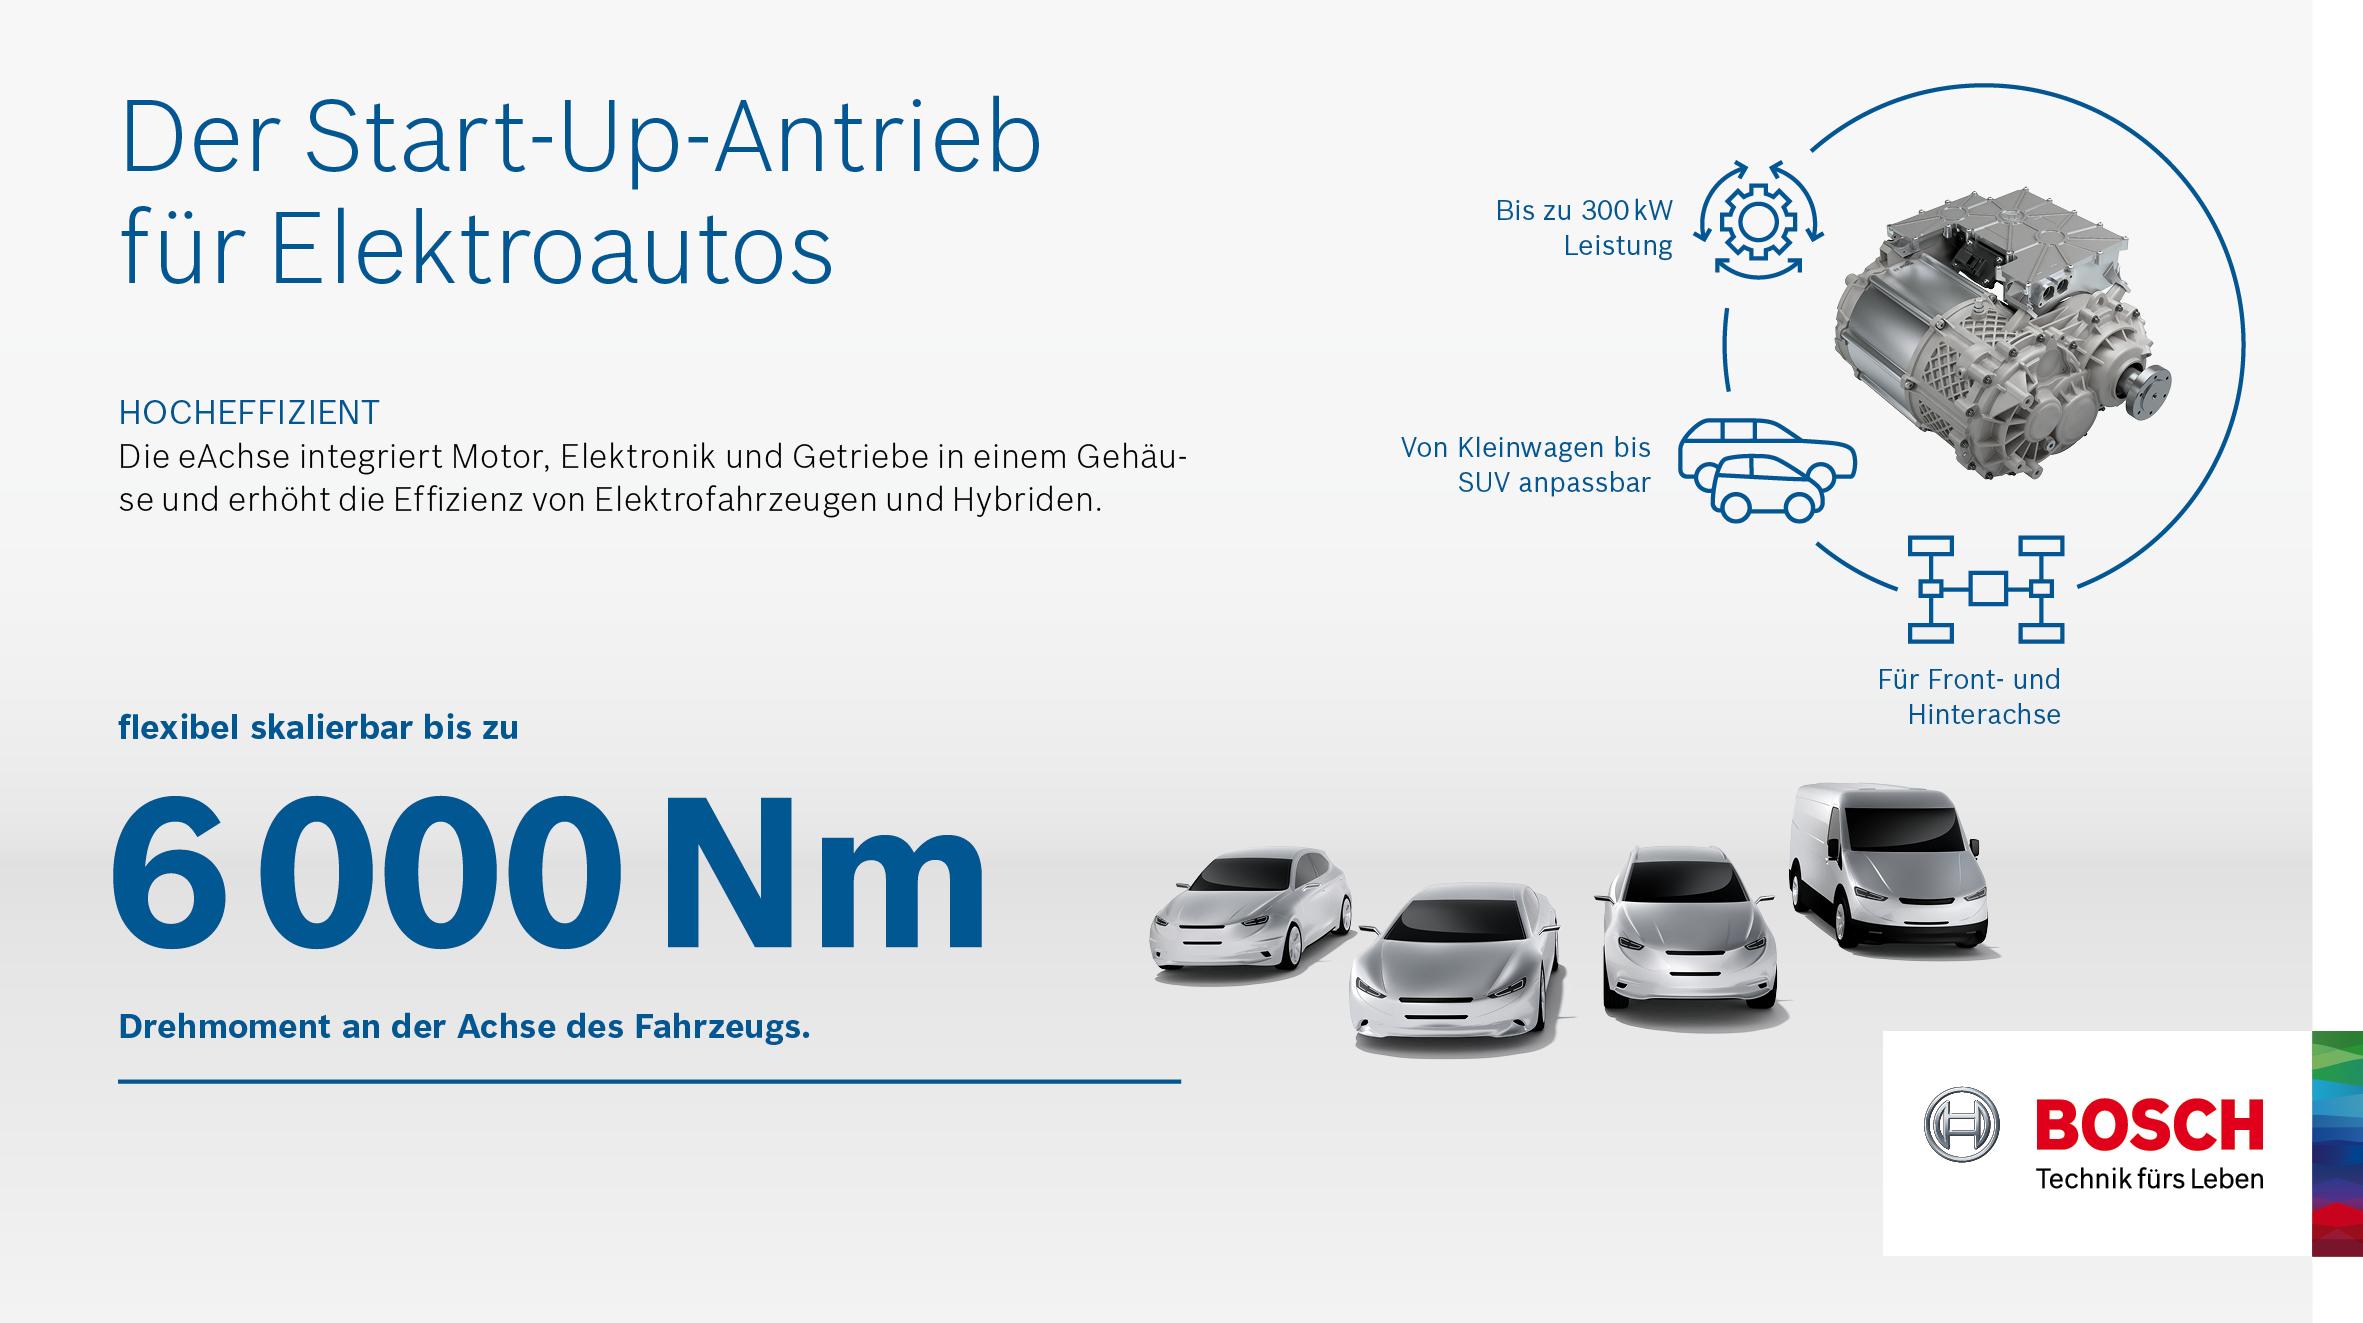 Der Start-up Antrieb für Elektroautos: Mehr Reichweite mit der ...